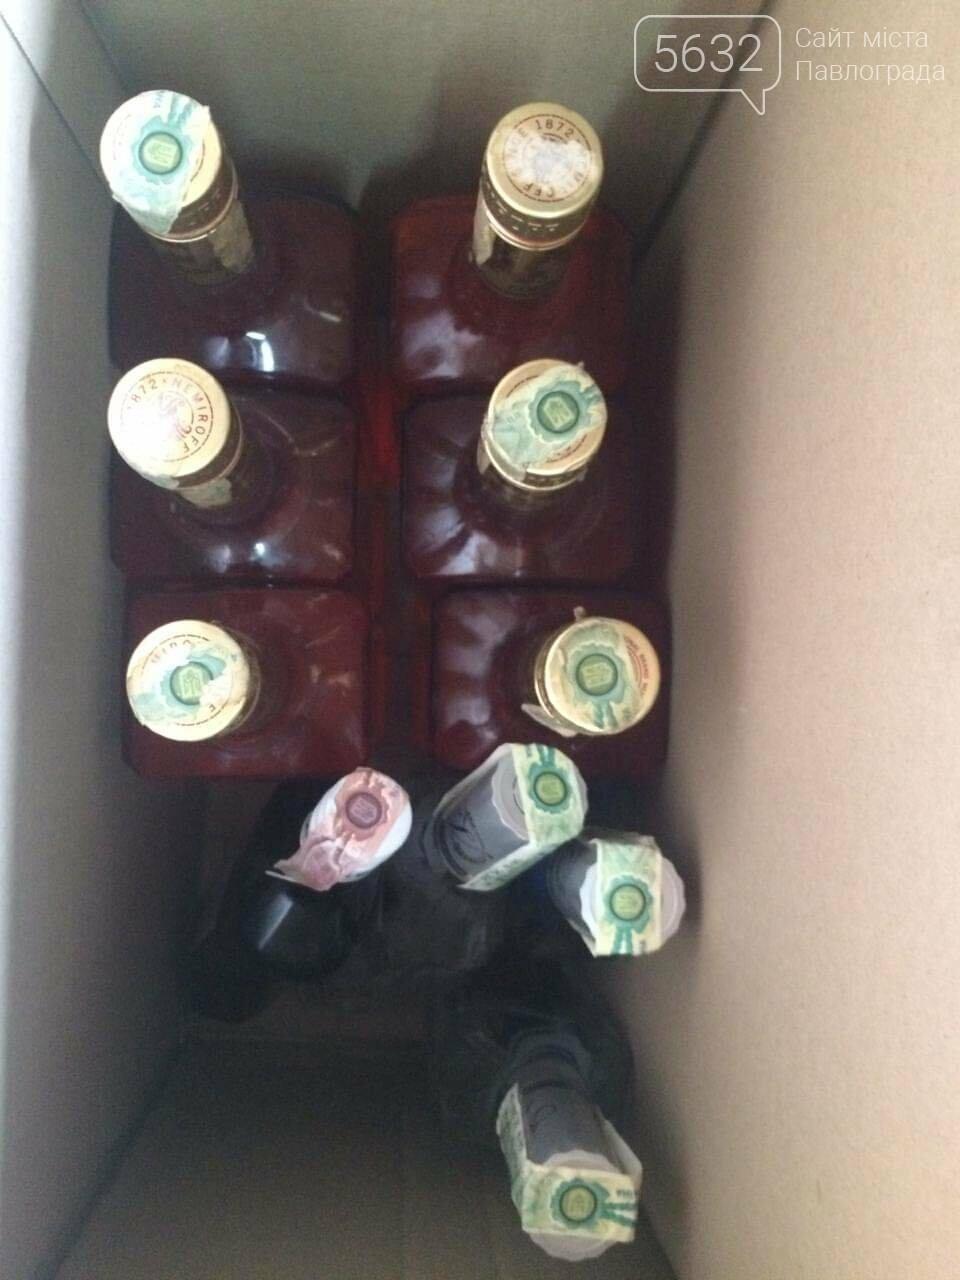 В нескольких магазинах Павлограда продавали водку на разлив и без соответствующих документов, фото-3